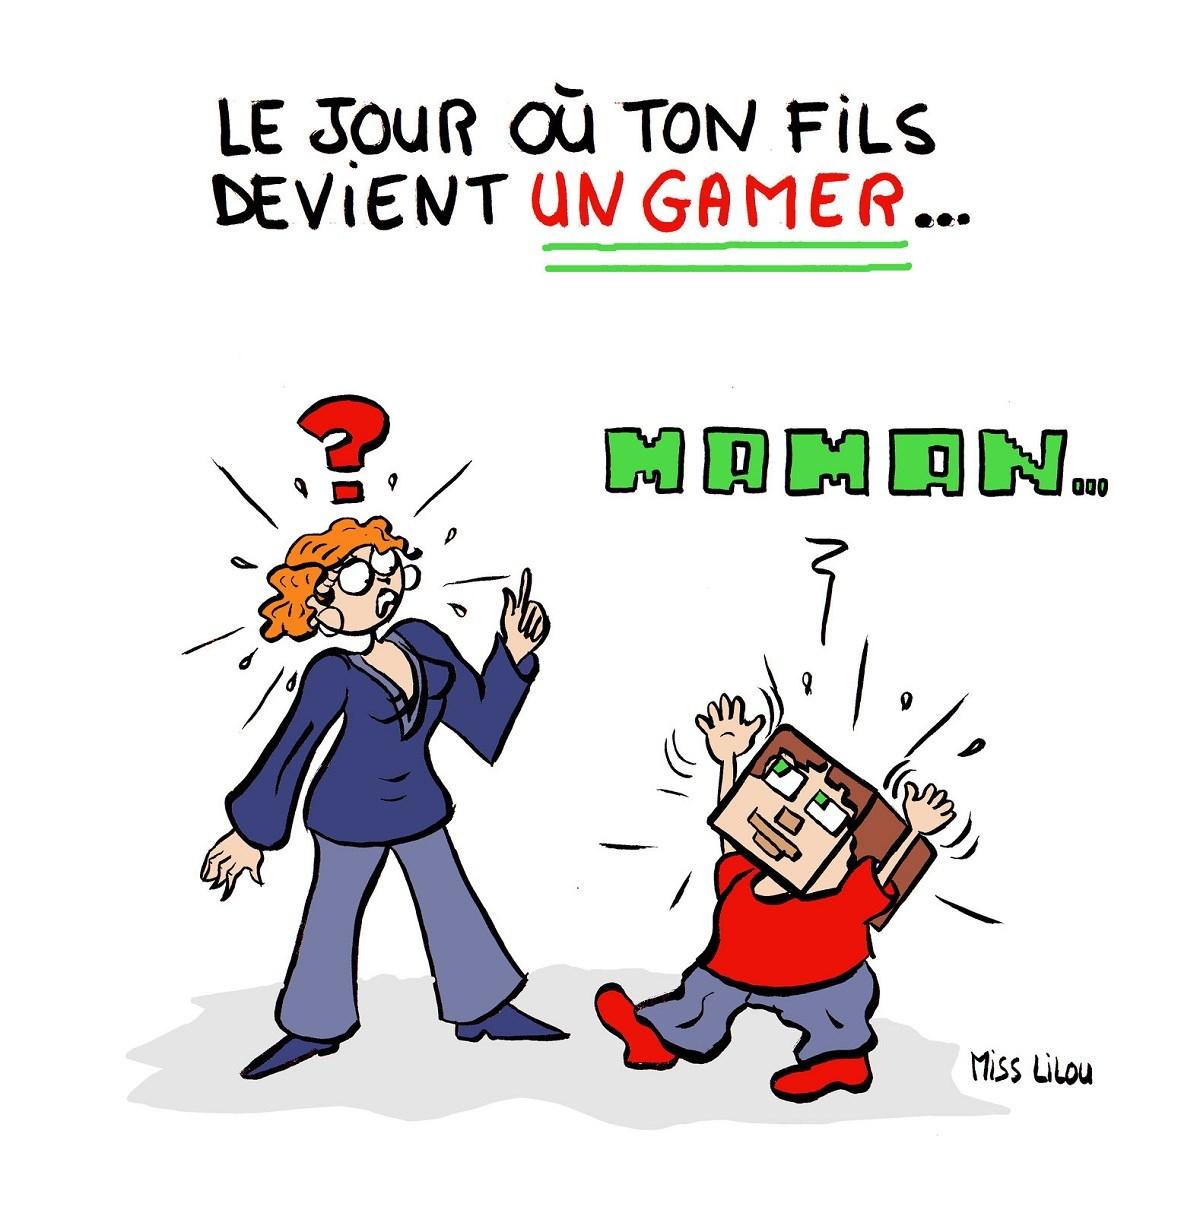 dessin humoristique d'une mère qui décrouvre que son fils est un gamer joueur de Minecraft